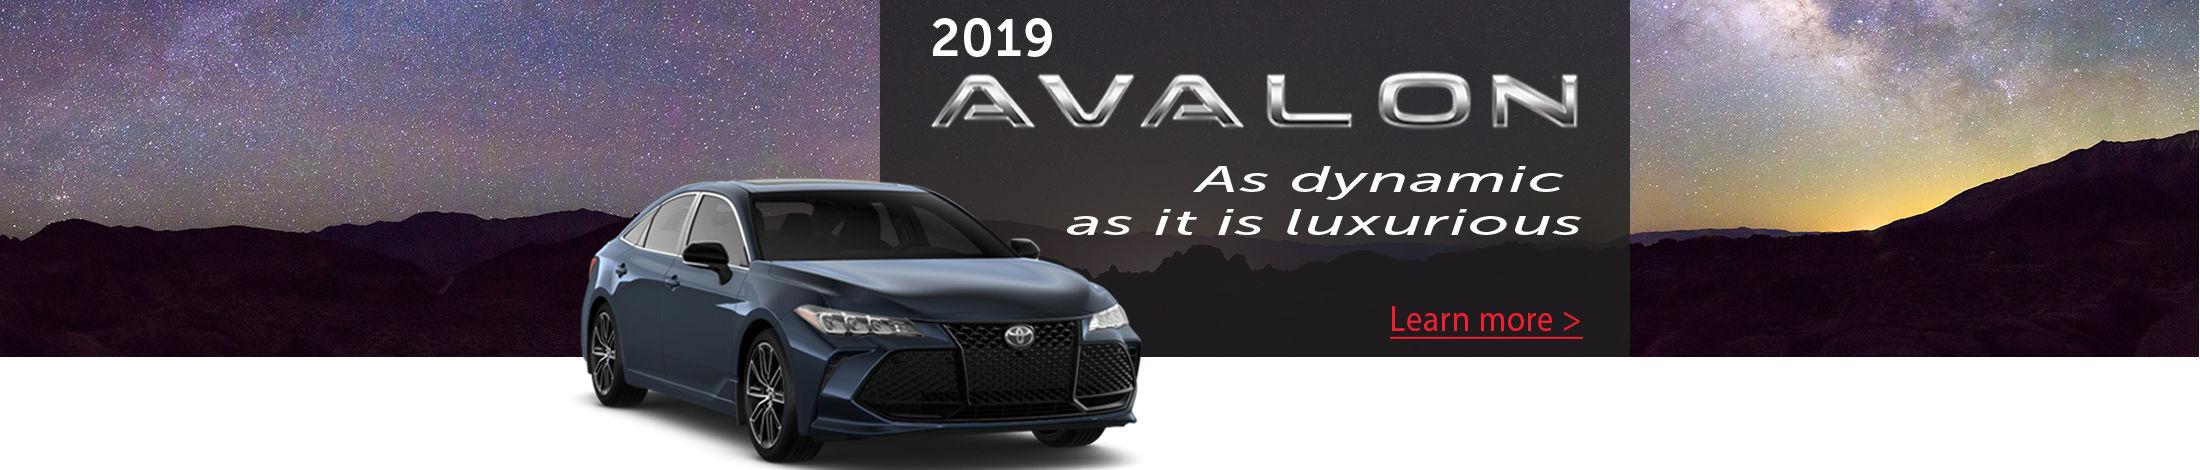 2019 Avalon